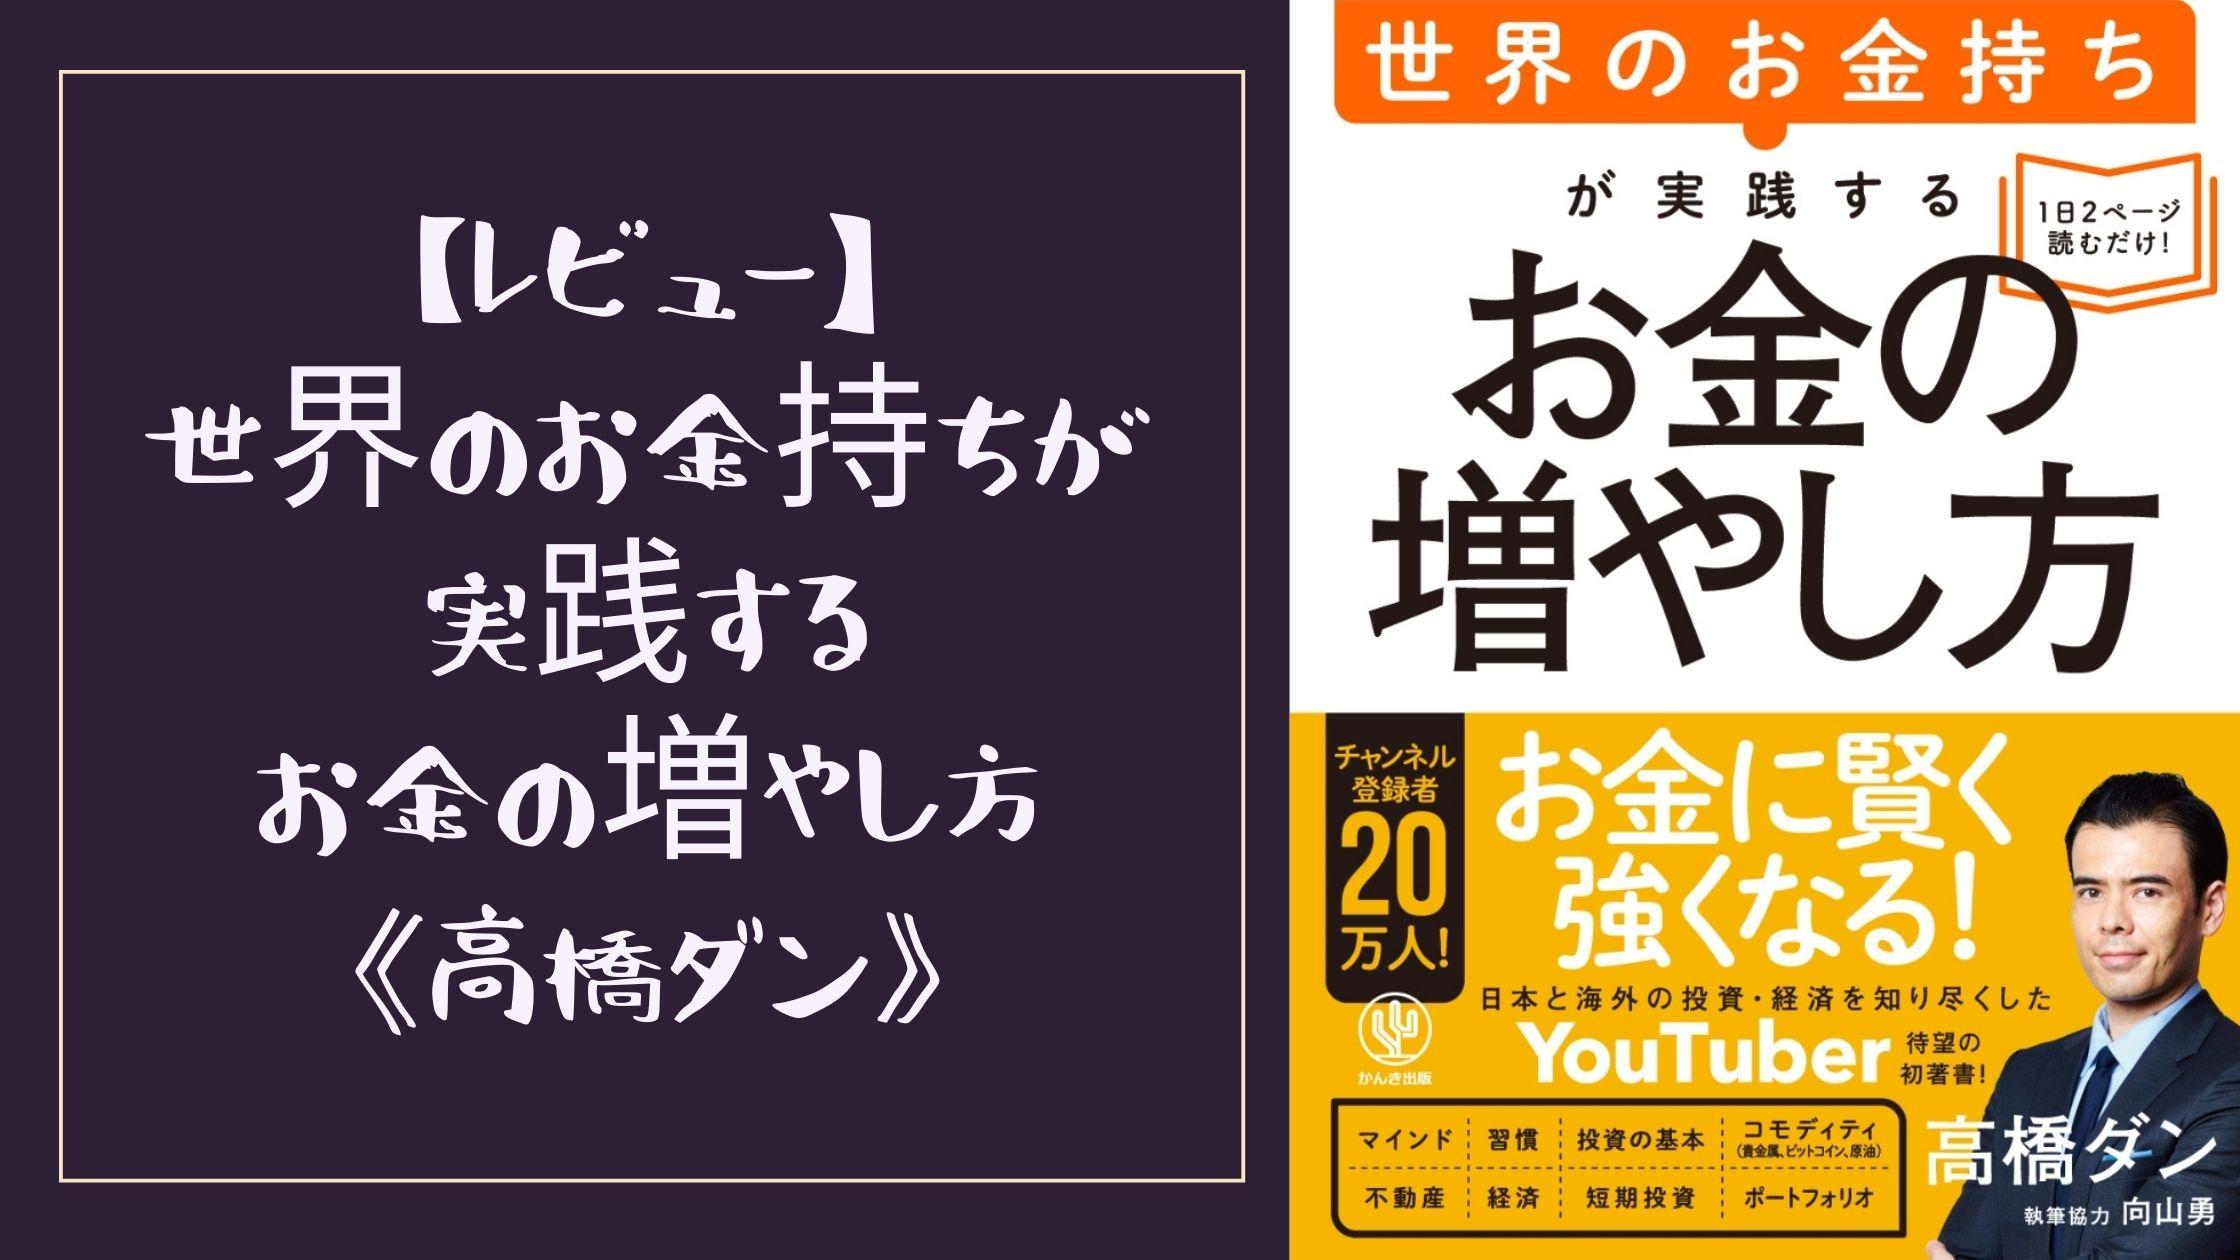 ブログ 高橋 ダン